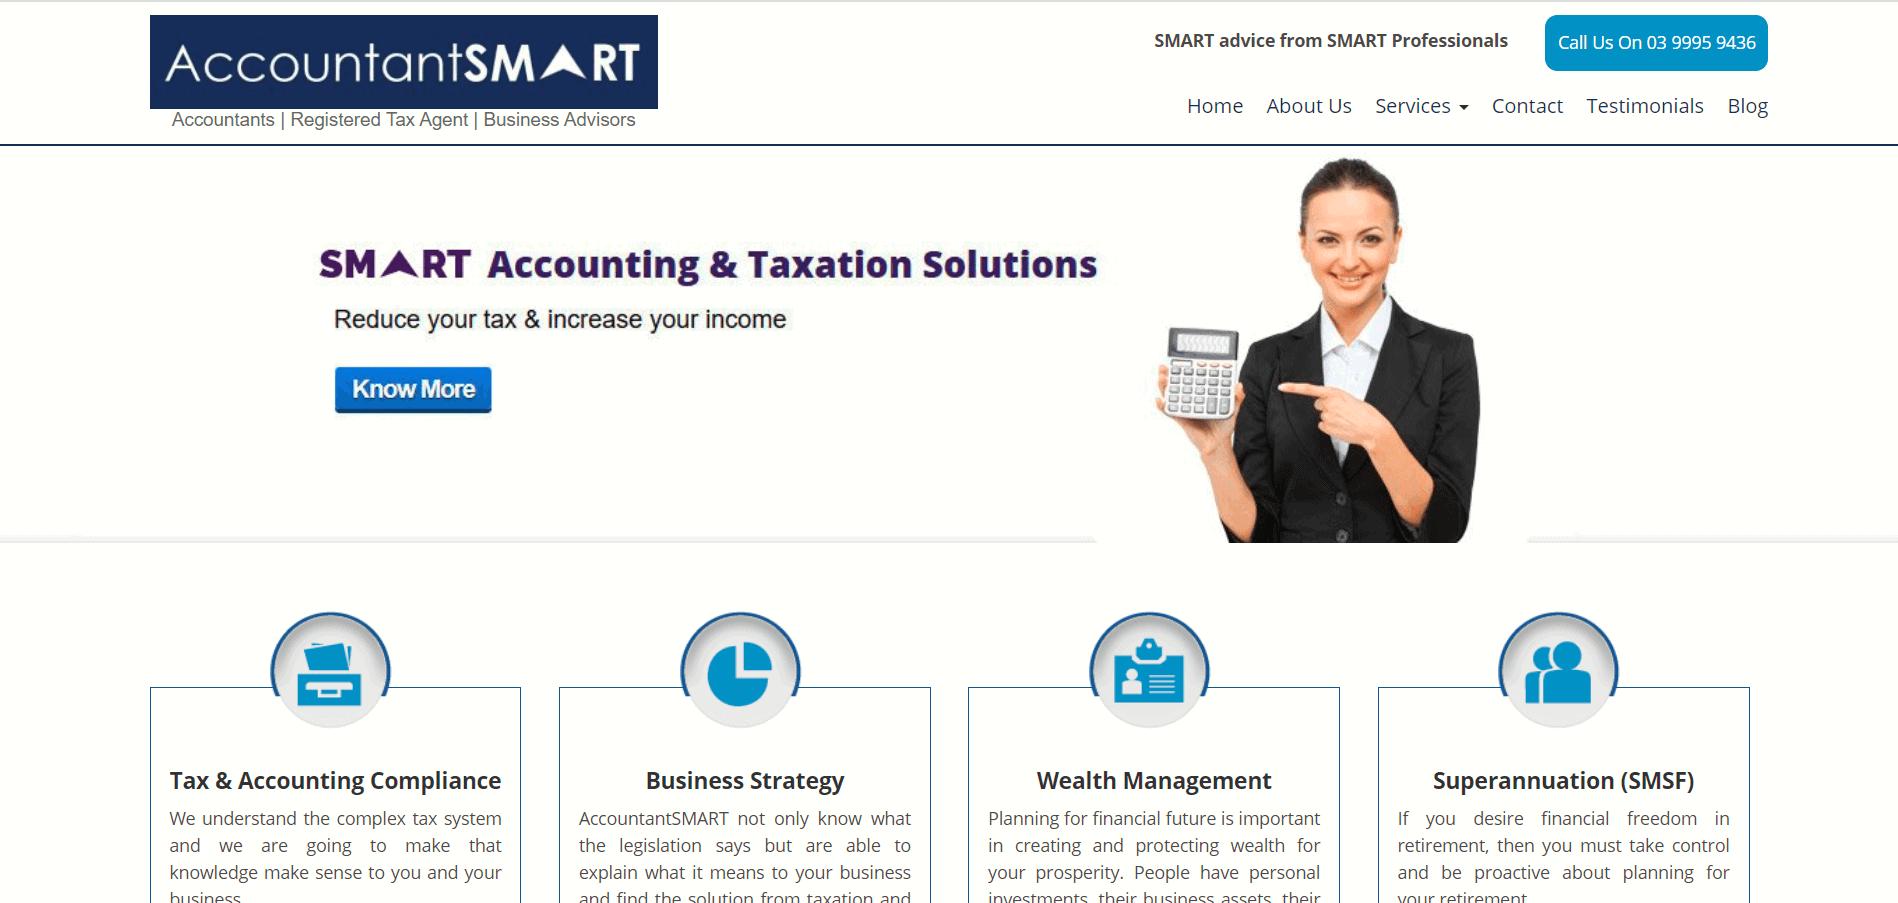 Accountantsmart